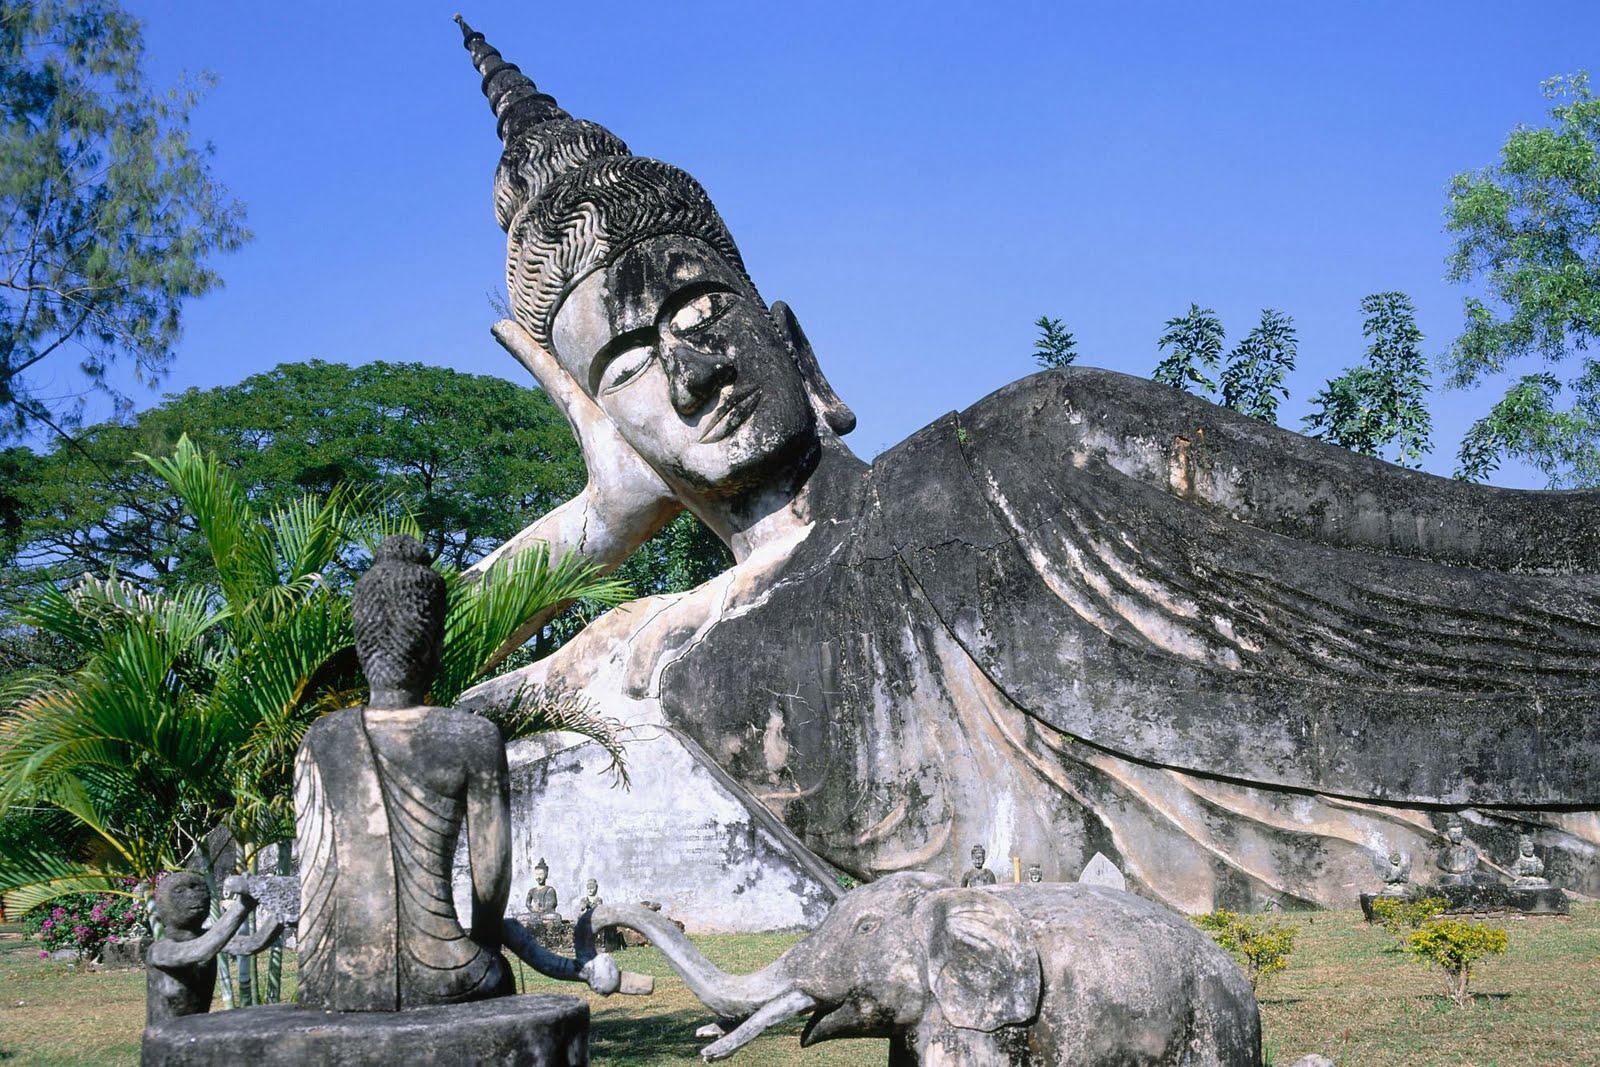 http://2.bp.blogspot.com/-81U8z18w-RQ/TcSwuQ7AsjI/AAAAAAAABPo/vndFbX3-u3g/s1600/Asia+Beautiful+Places+Pictures+%25284%2529.jpg